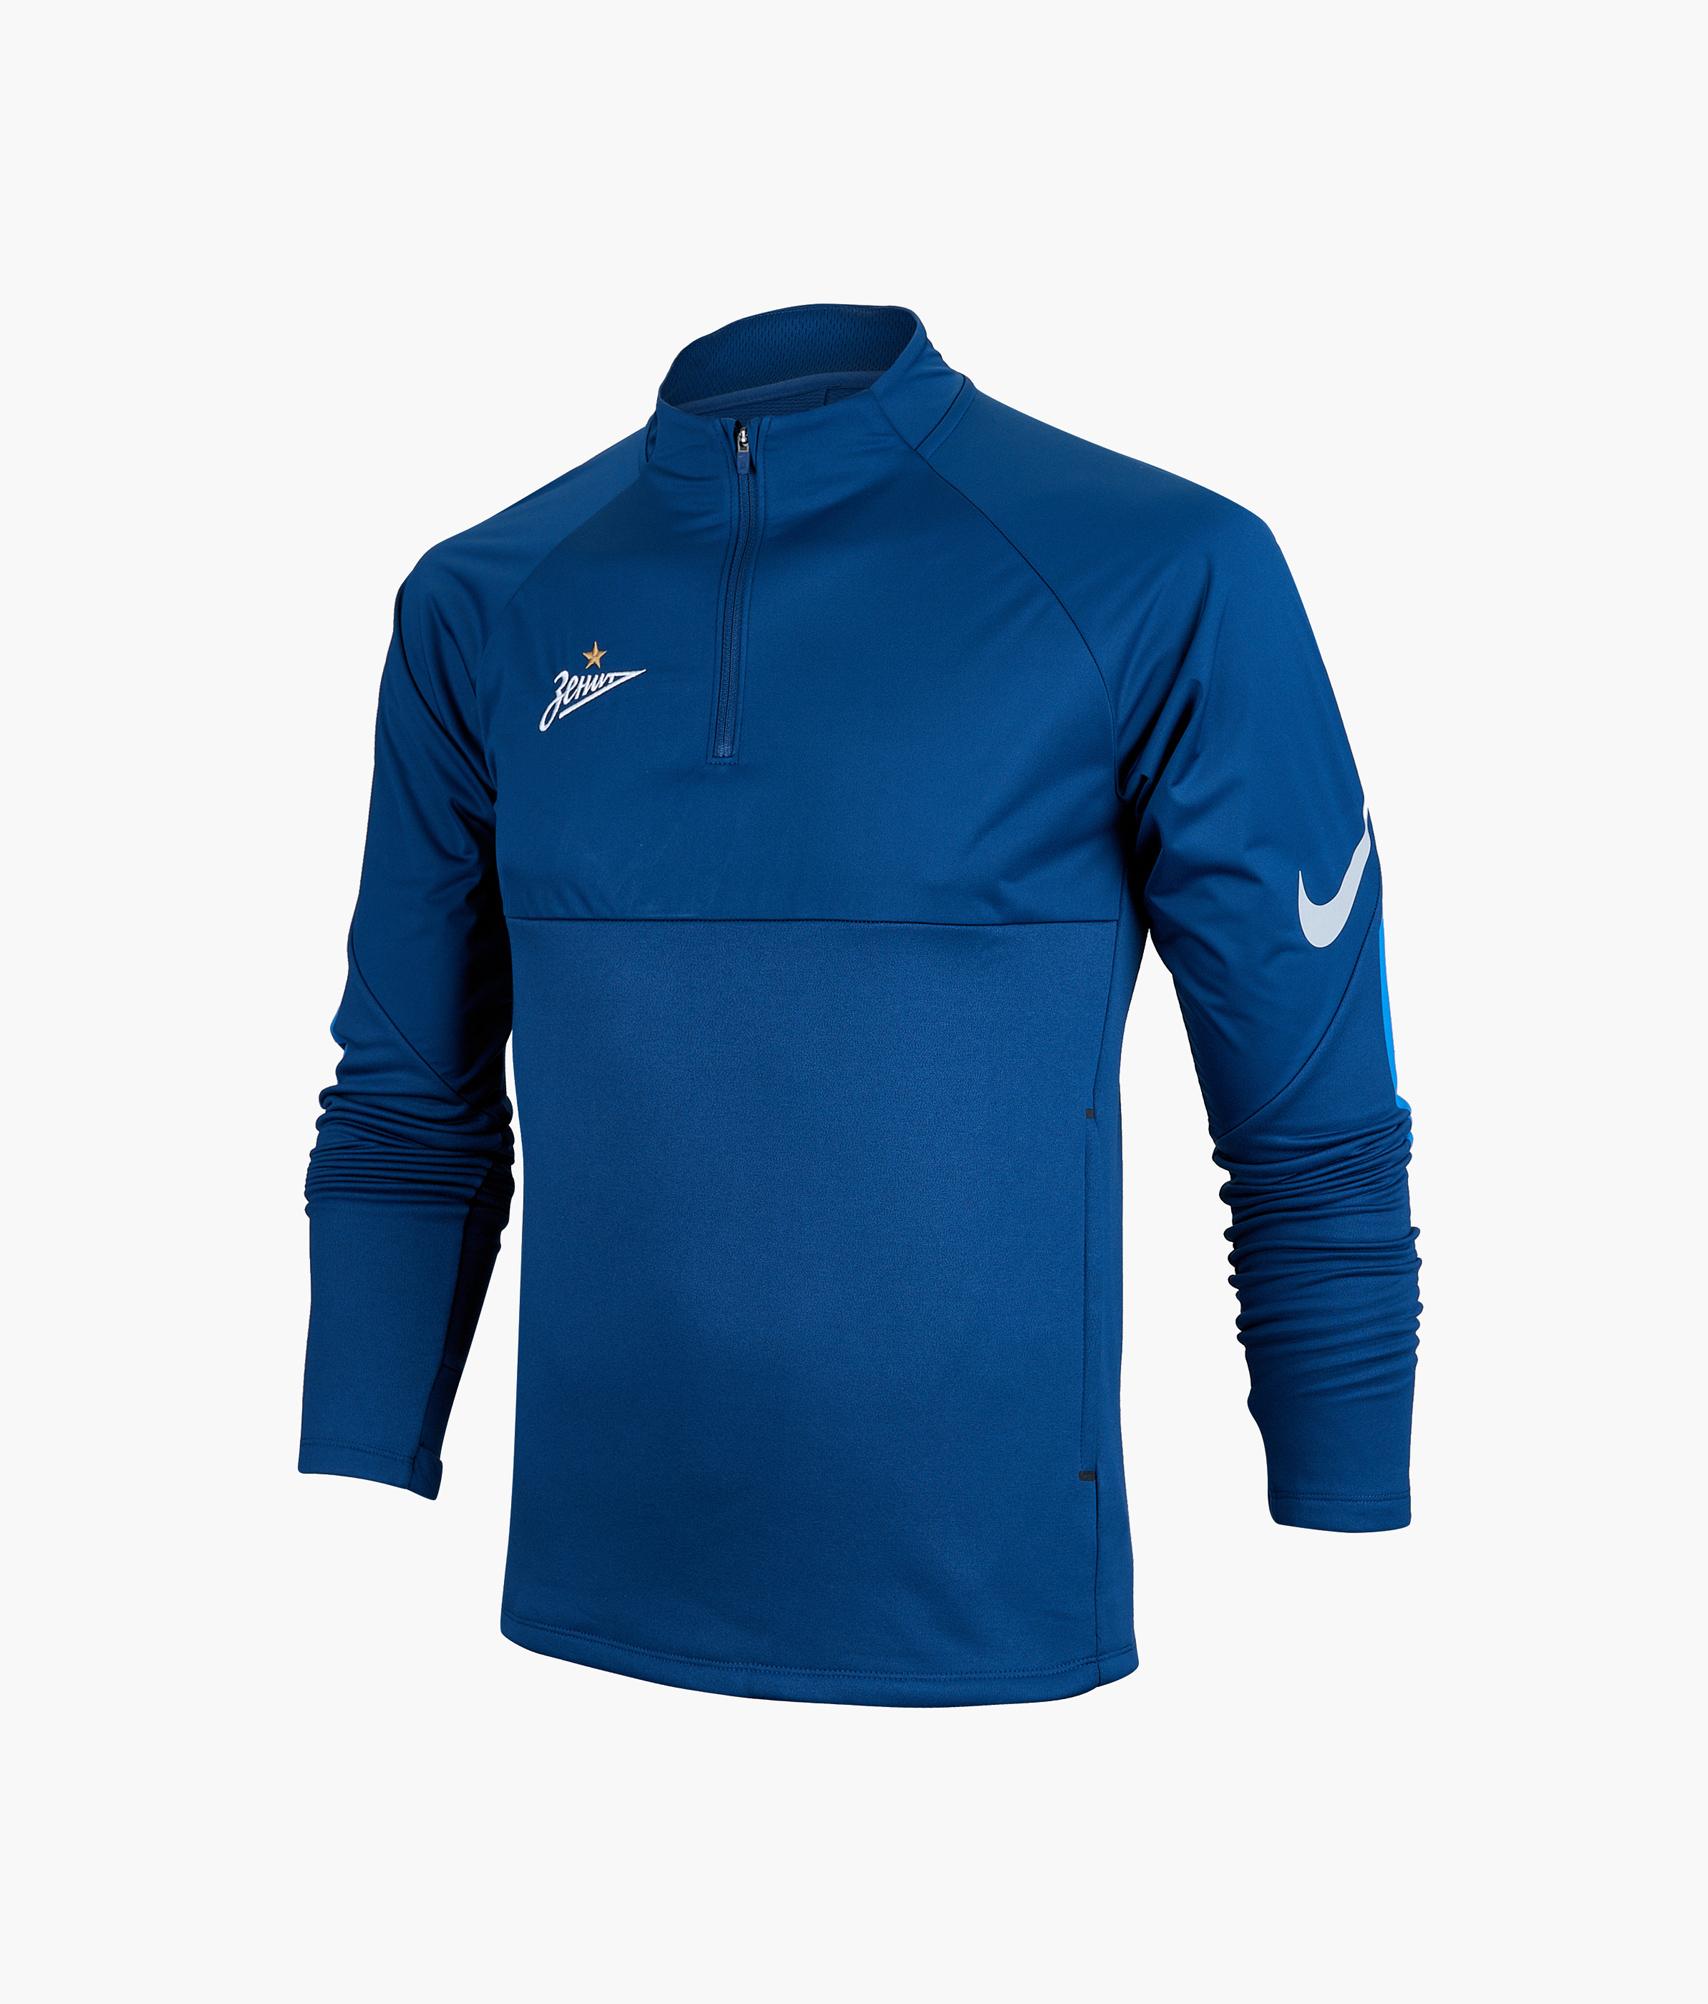 цена Свитер тренировочный Nike Nike Цвет-Синий онлайн в 2017 году